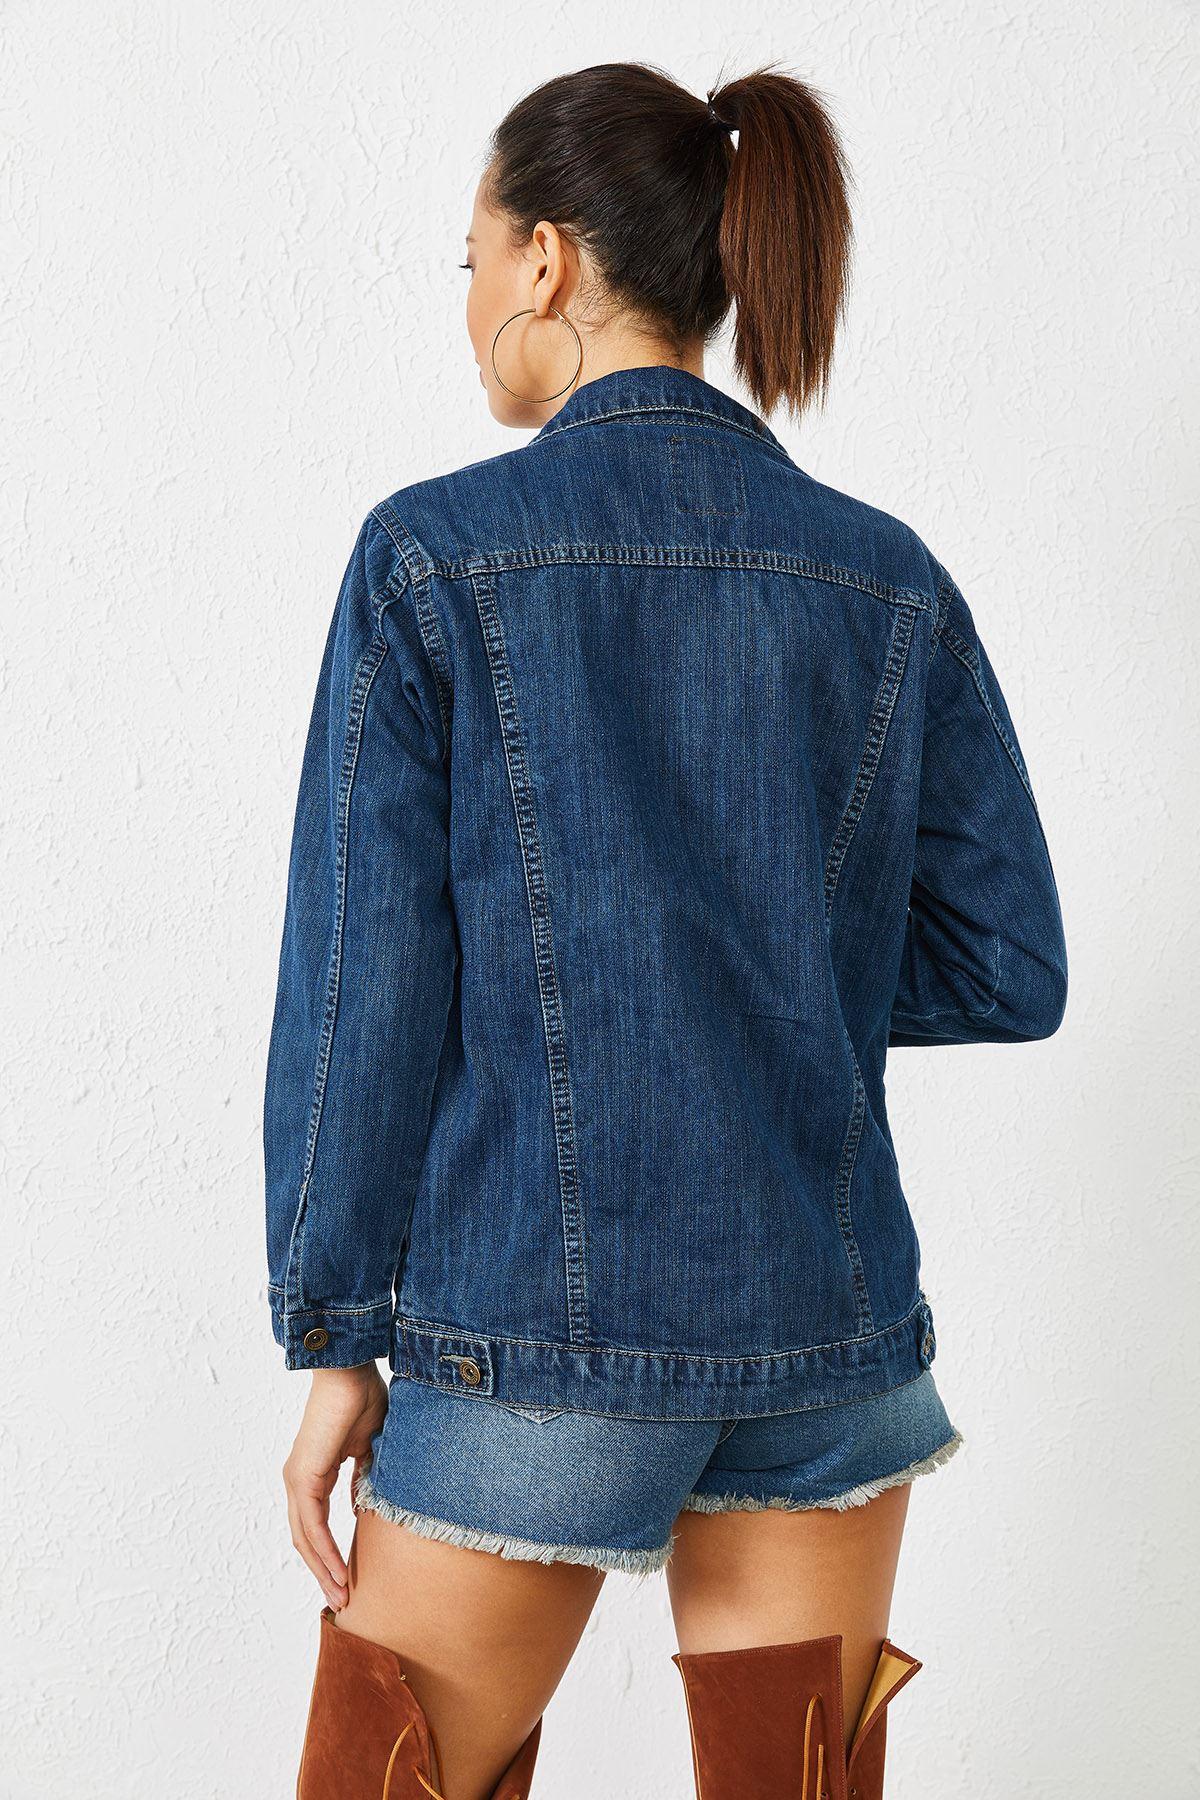 Kadın Enzim Yıkamalı Kot Ceket